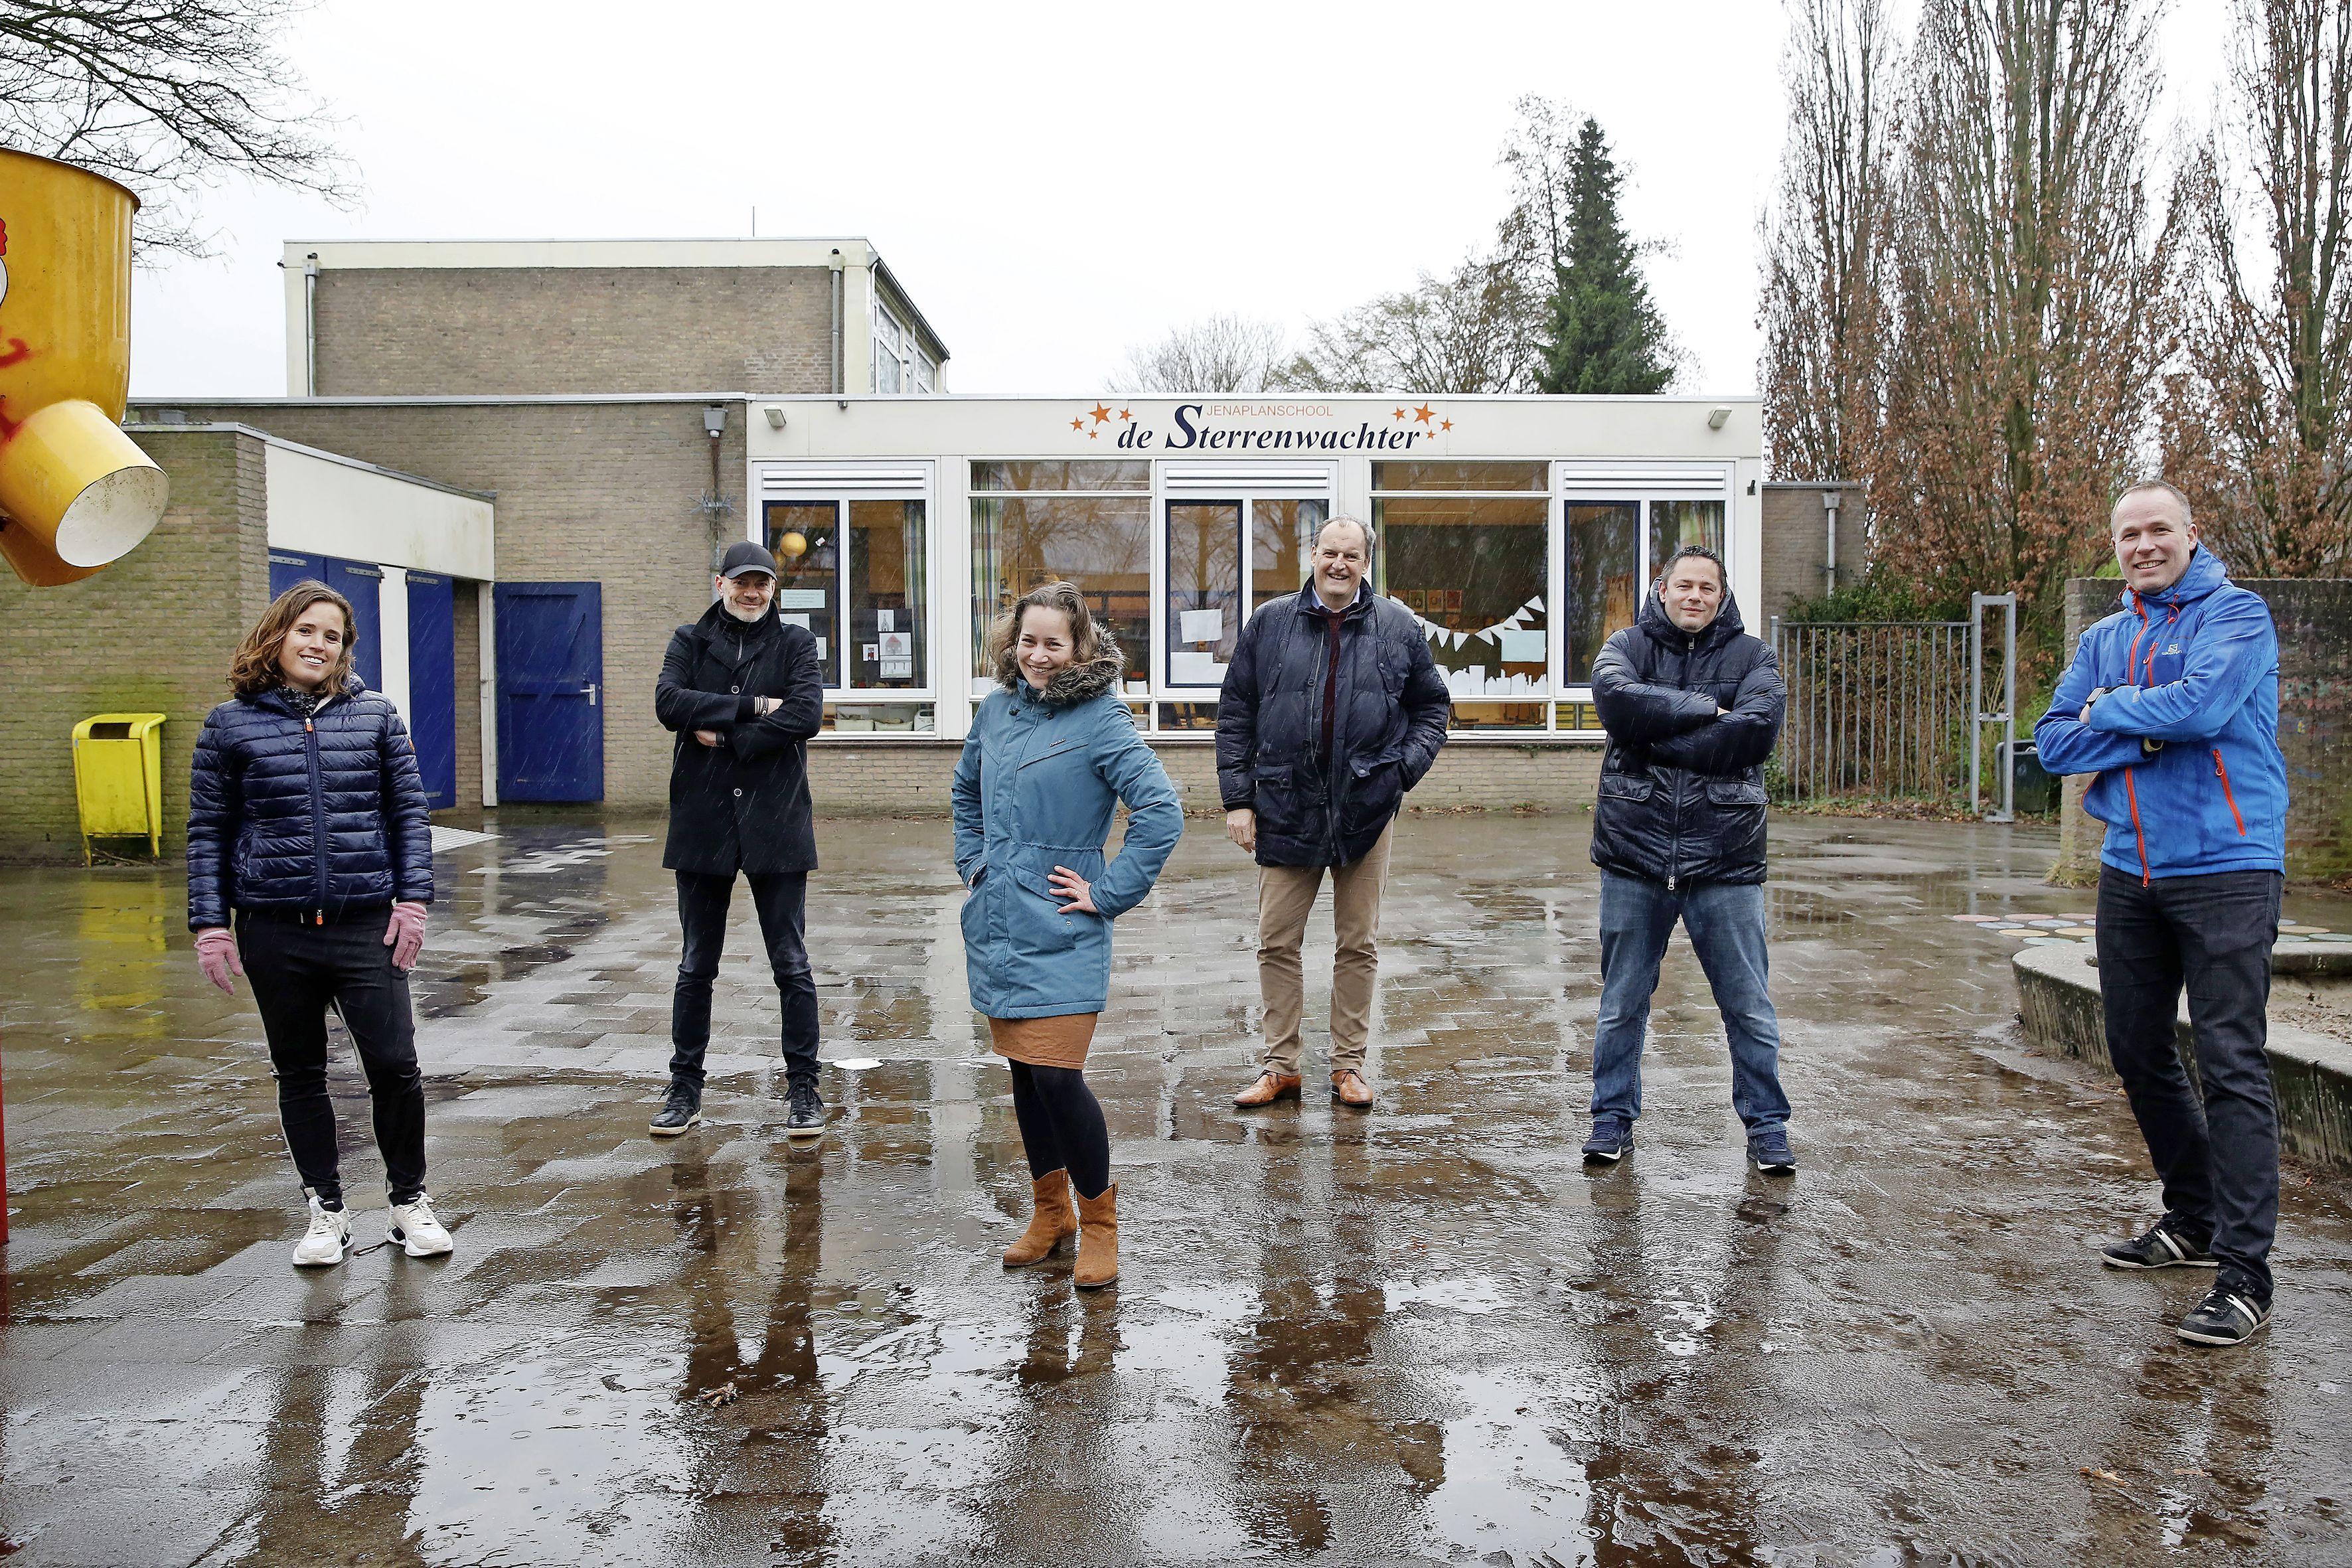 Knoop doorhakken over locatie nieuw IKC Loosdrecht uitgesteld na golf van kritiek